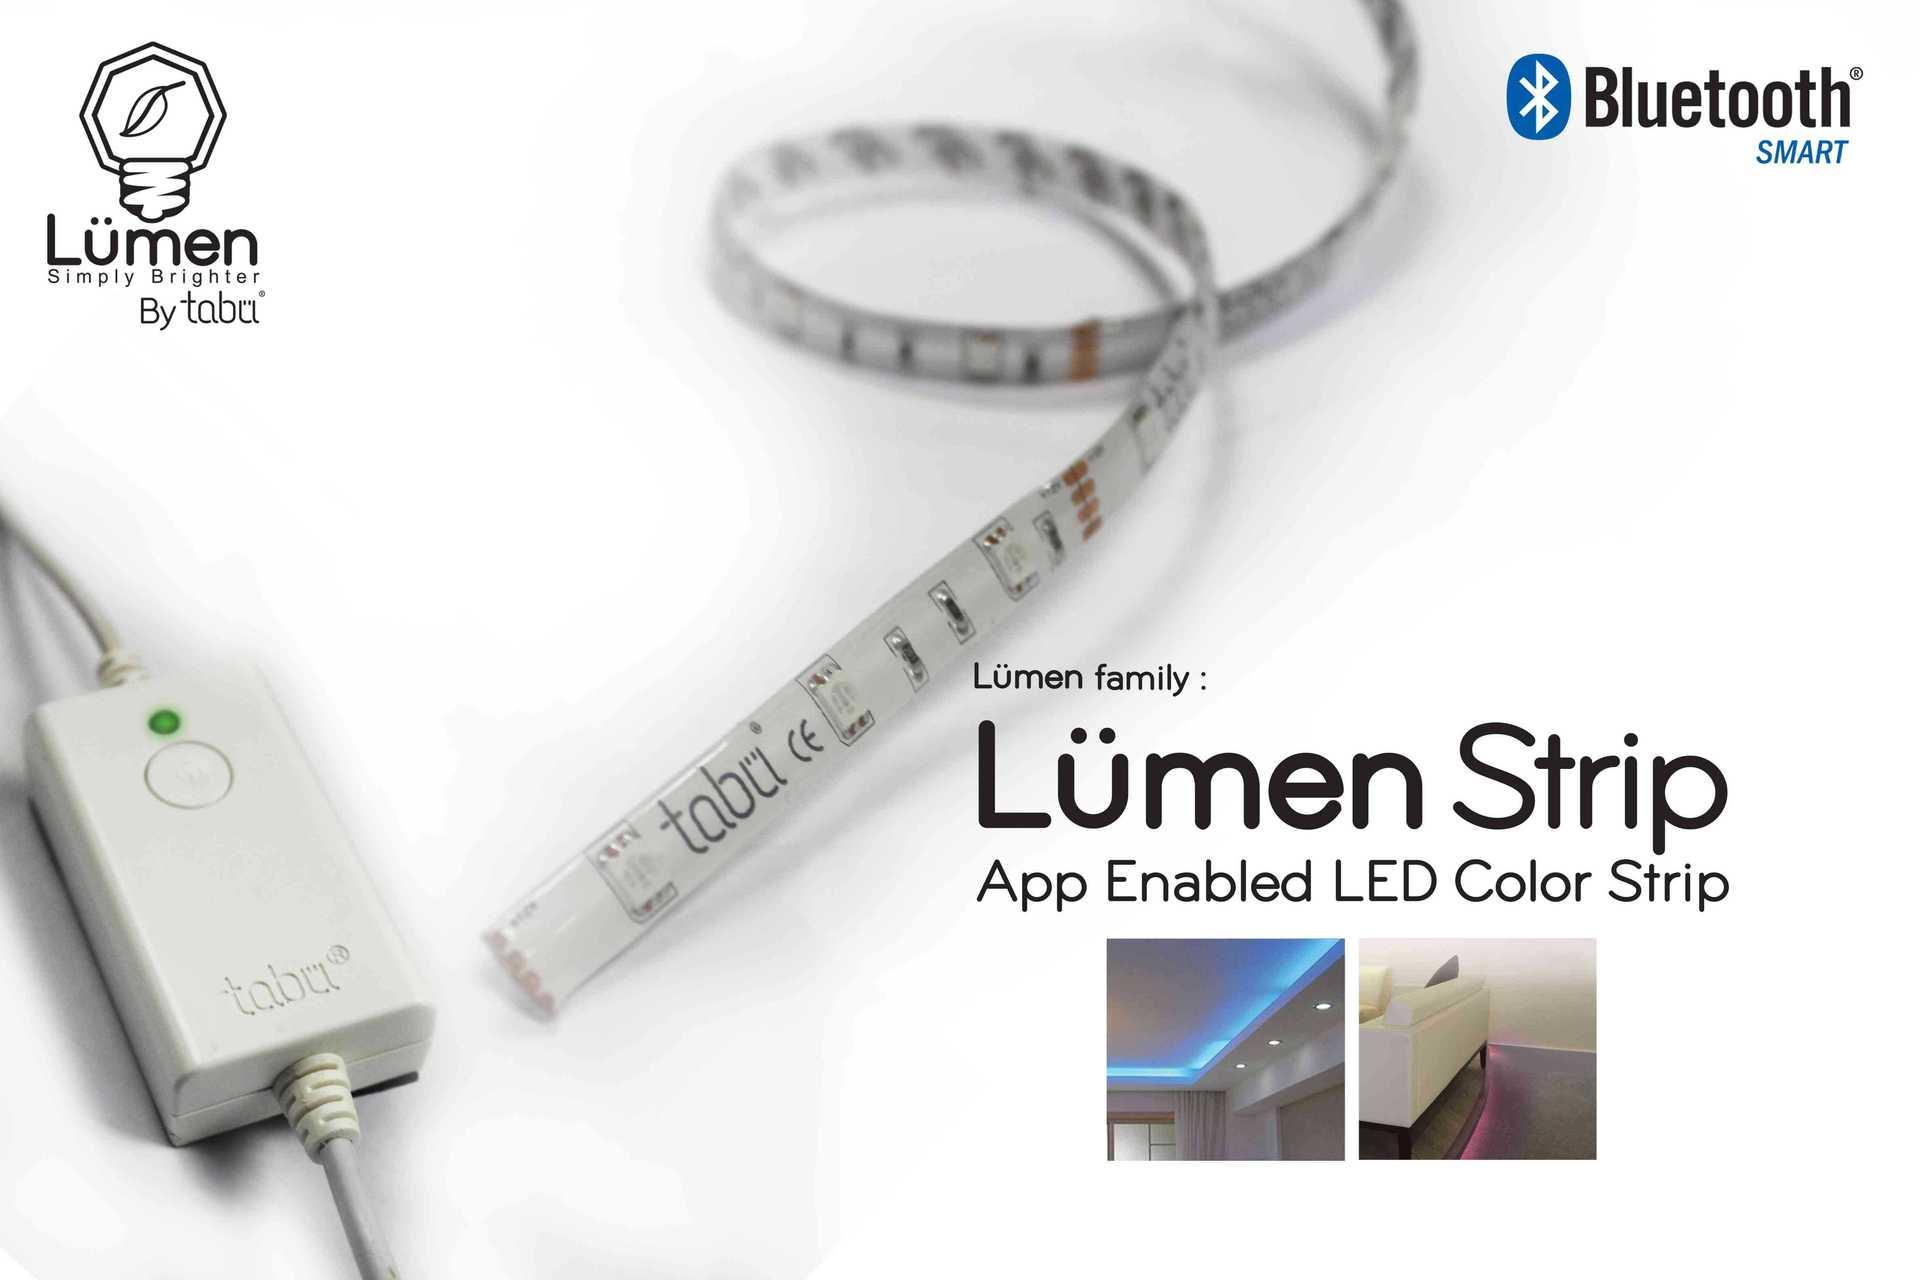 Attiva decora la casa con la luce delle lampade led Lumen Strip